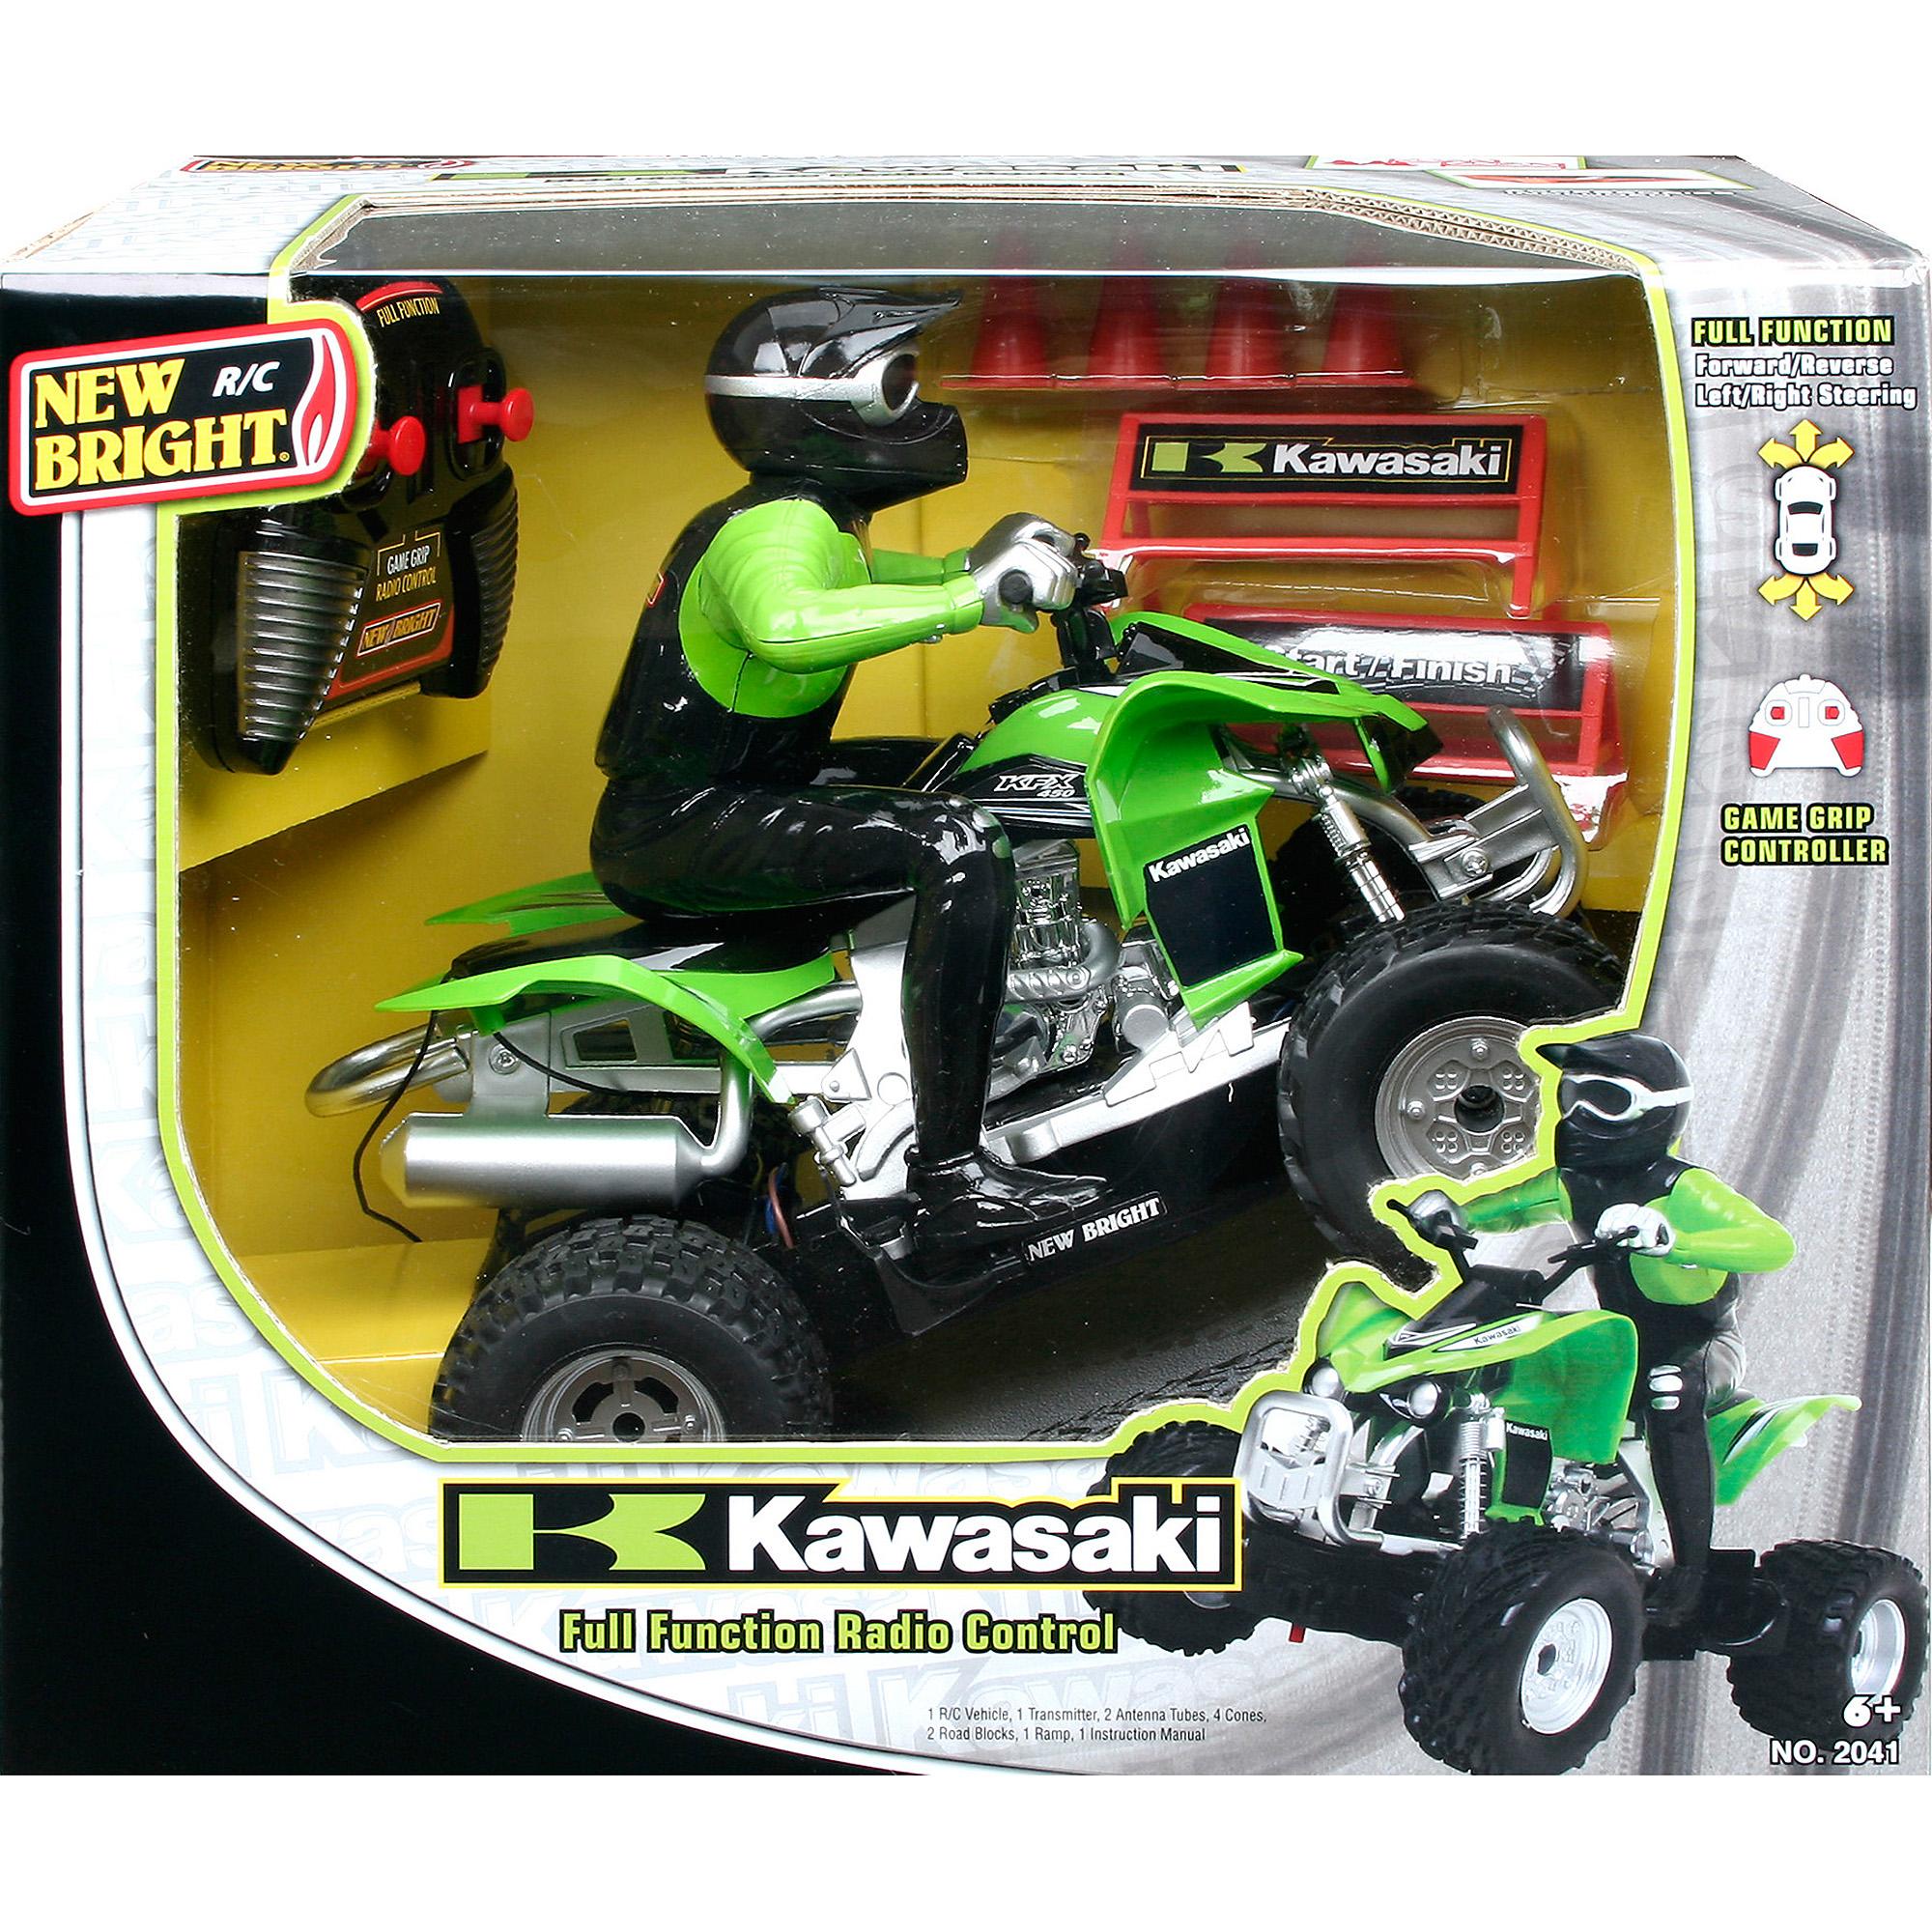 New Bright 1:20 R/C Kawasaki KFX 450 with Rider, Green